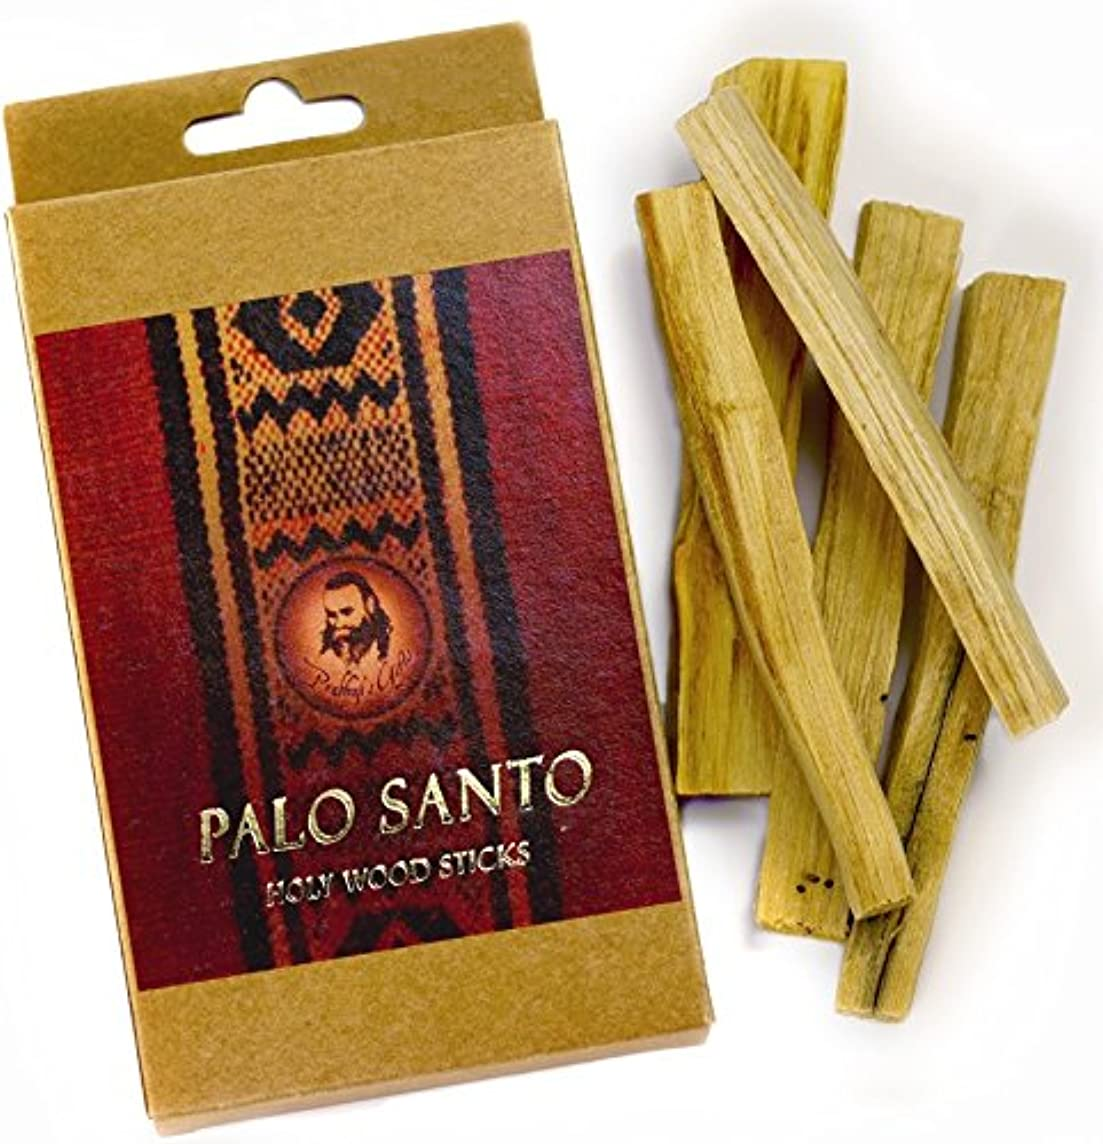 シャークサイクル常習的Palo Santo Raw Incense木製 – 標準 – 5 Sticks